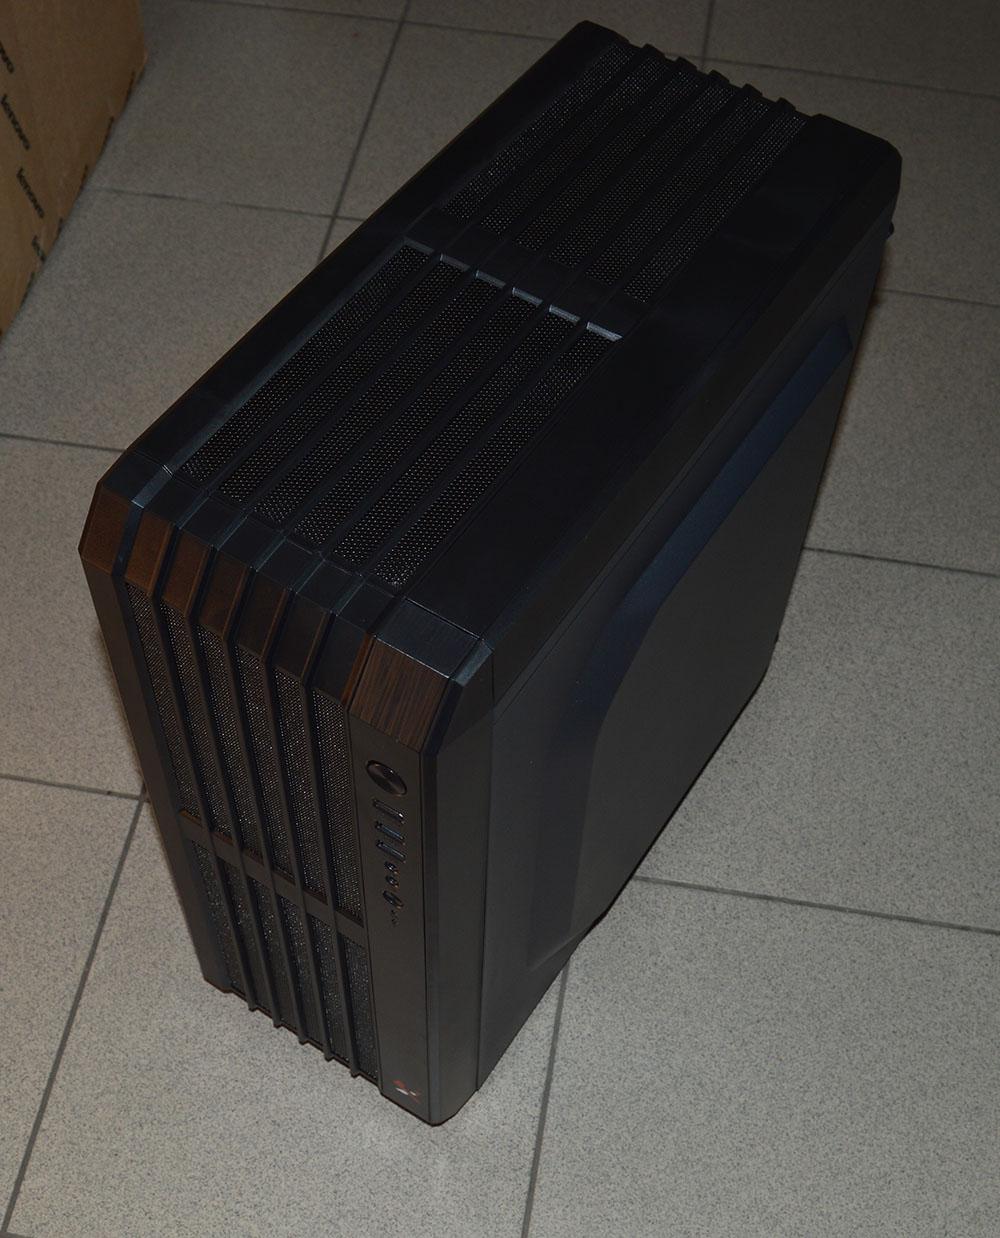 x2-s8020_p7